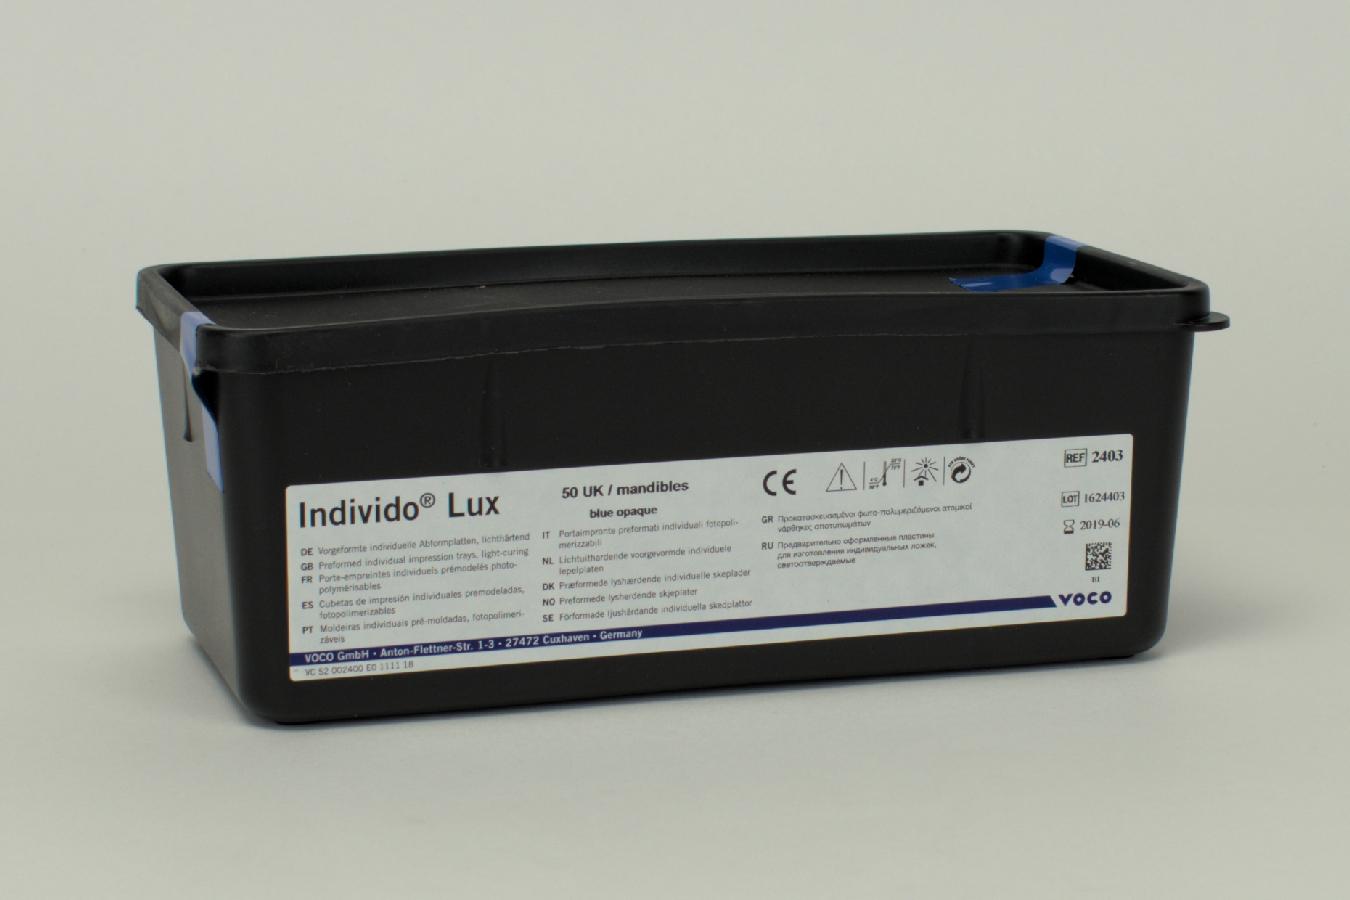 Individo Lux blau/opak UK 50 Stück